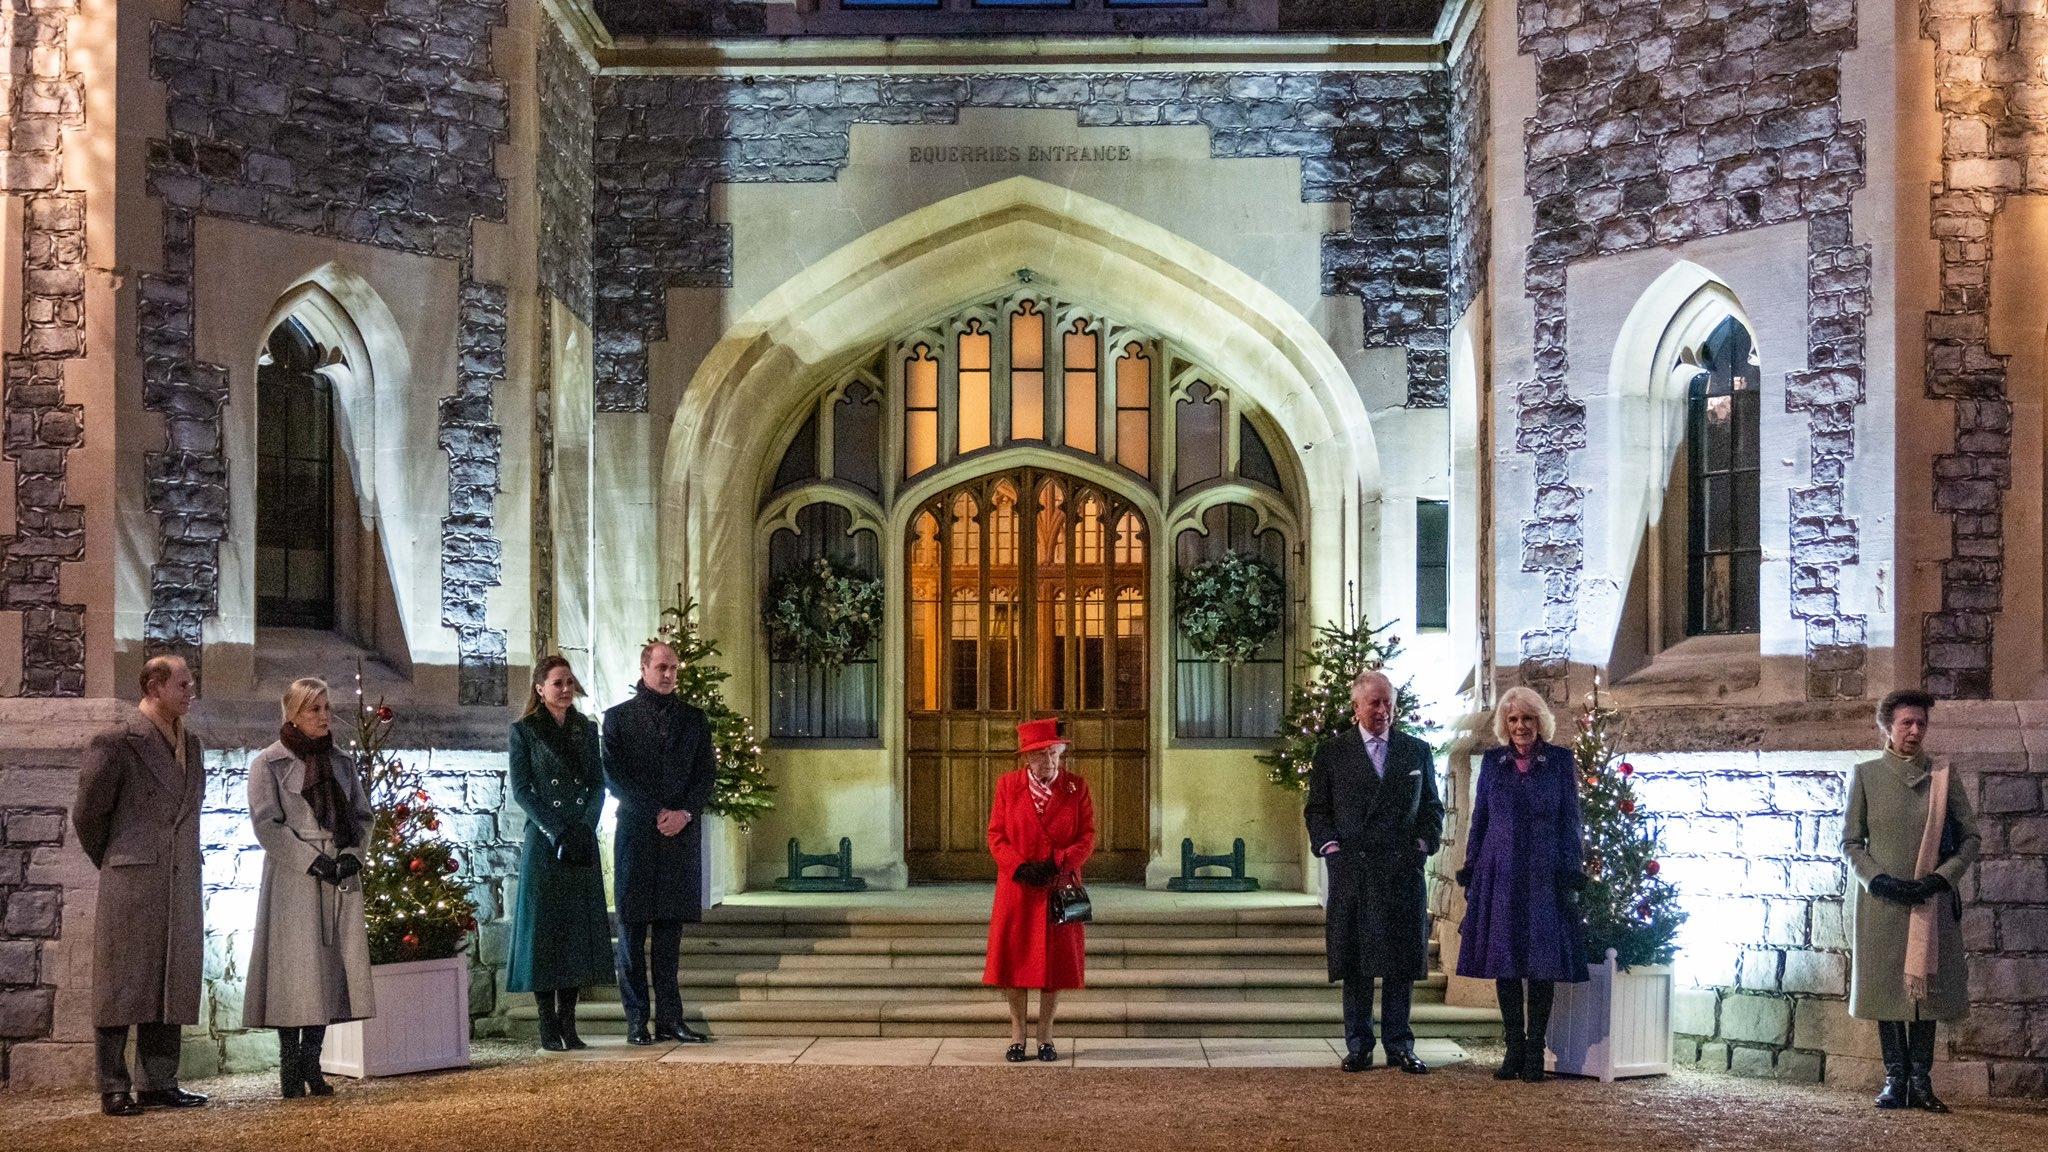 Красное или зеленое? Кейт Миддлтон и Елизавета II встретились в Виндзоре и показали стильные образы (ФОТО) - фото №2